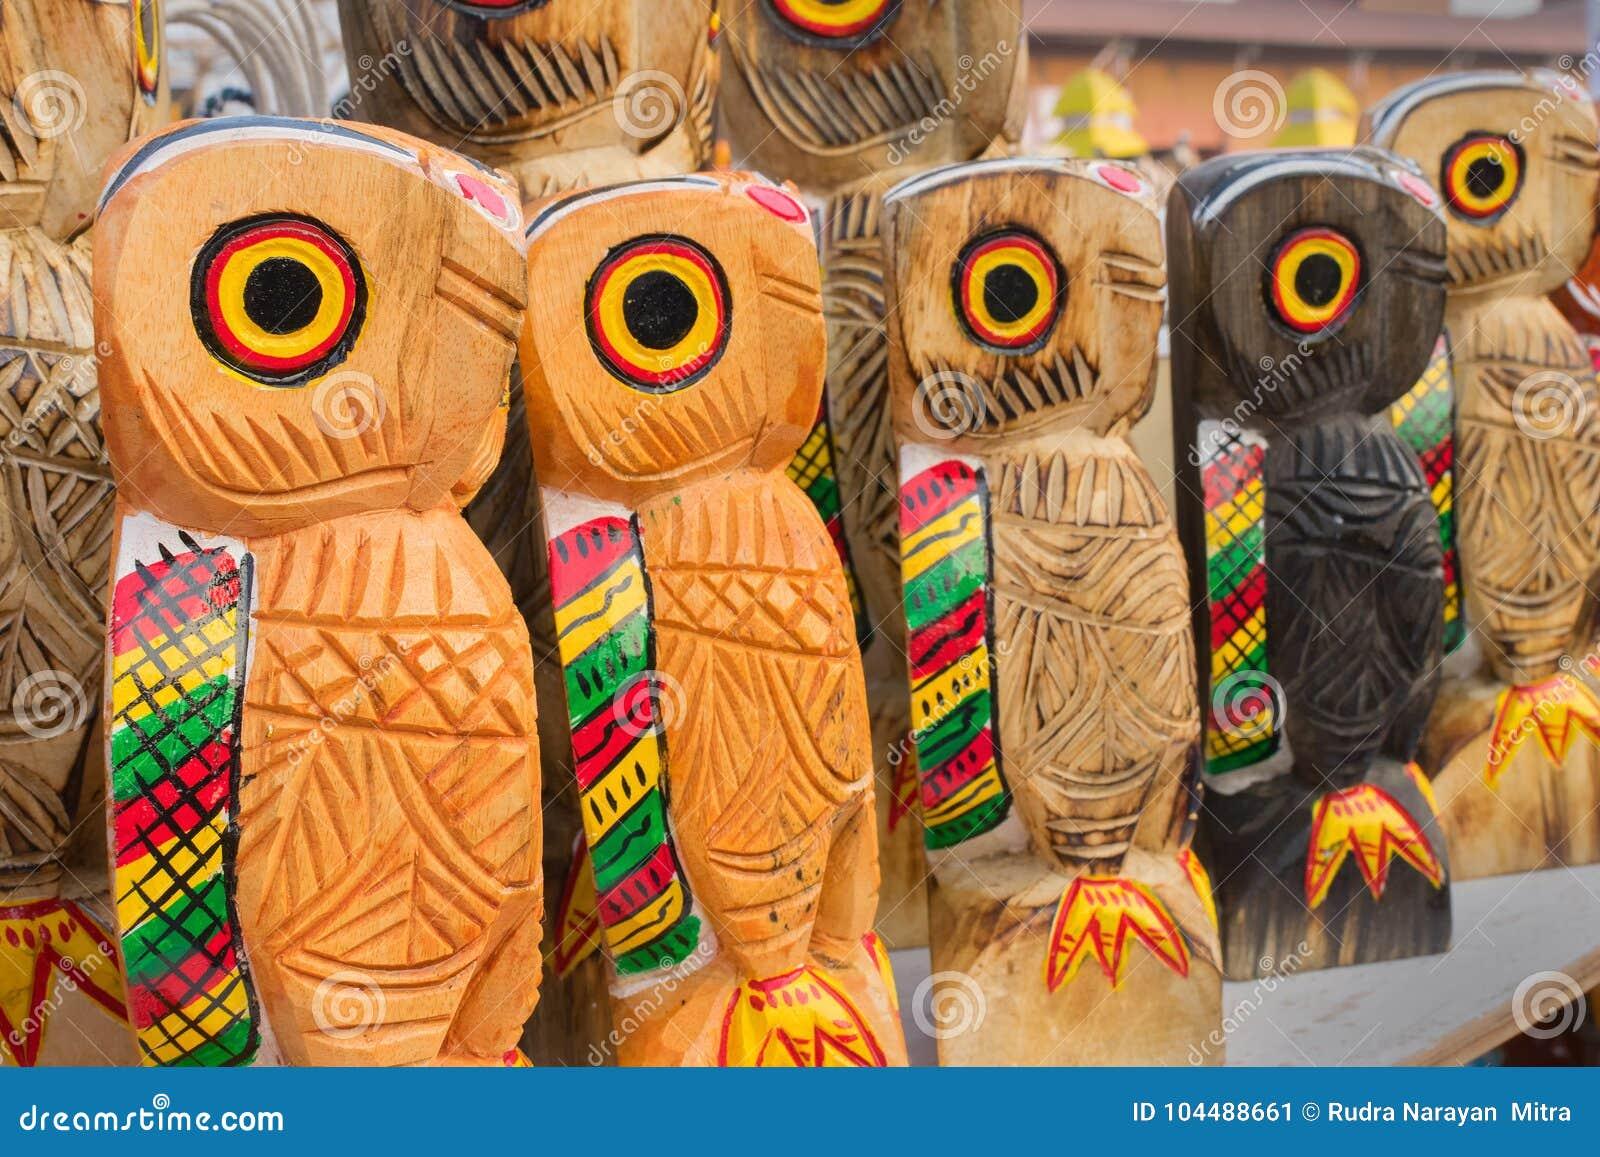 Wooden Owls Indian Handicrafts Fair At Kolkata Stock Image Image